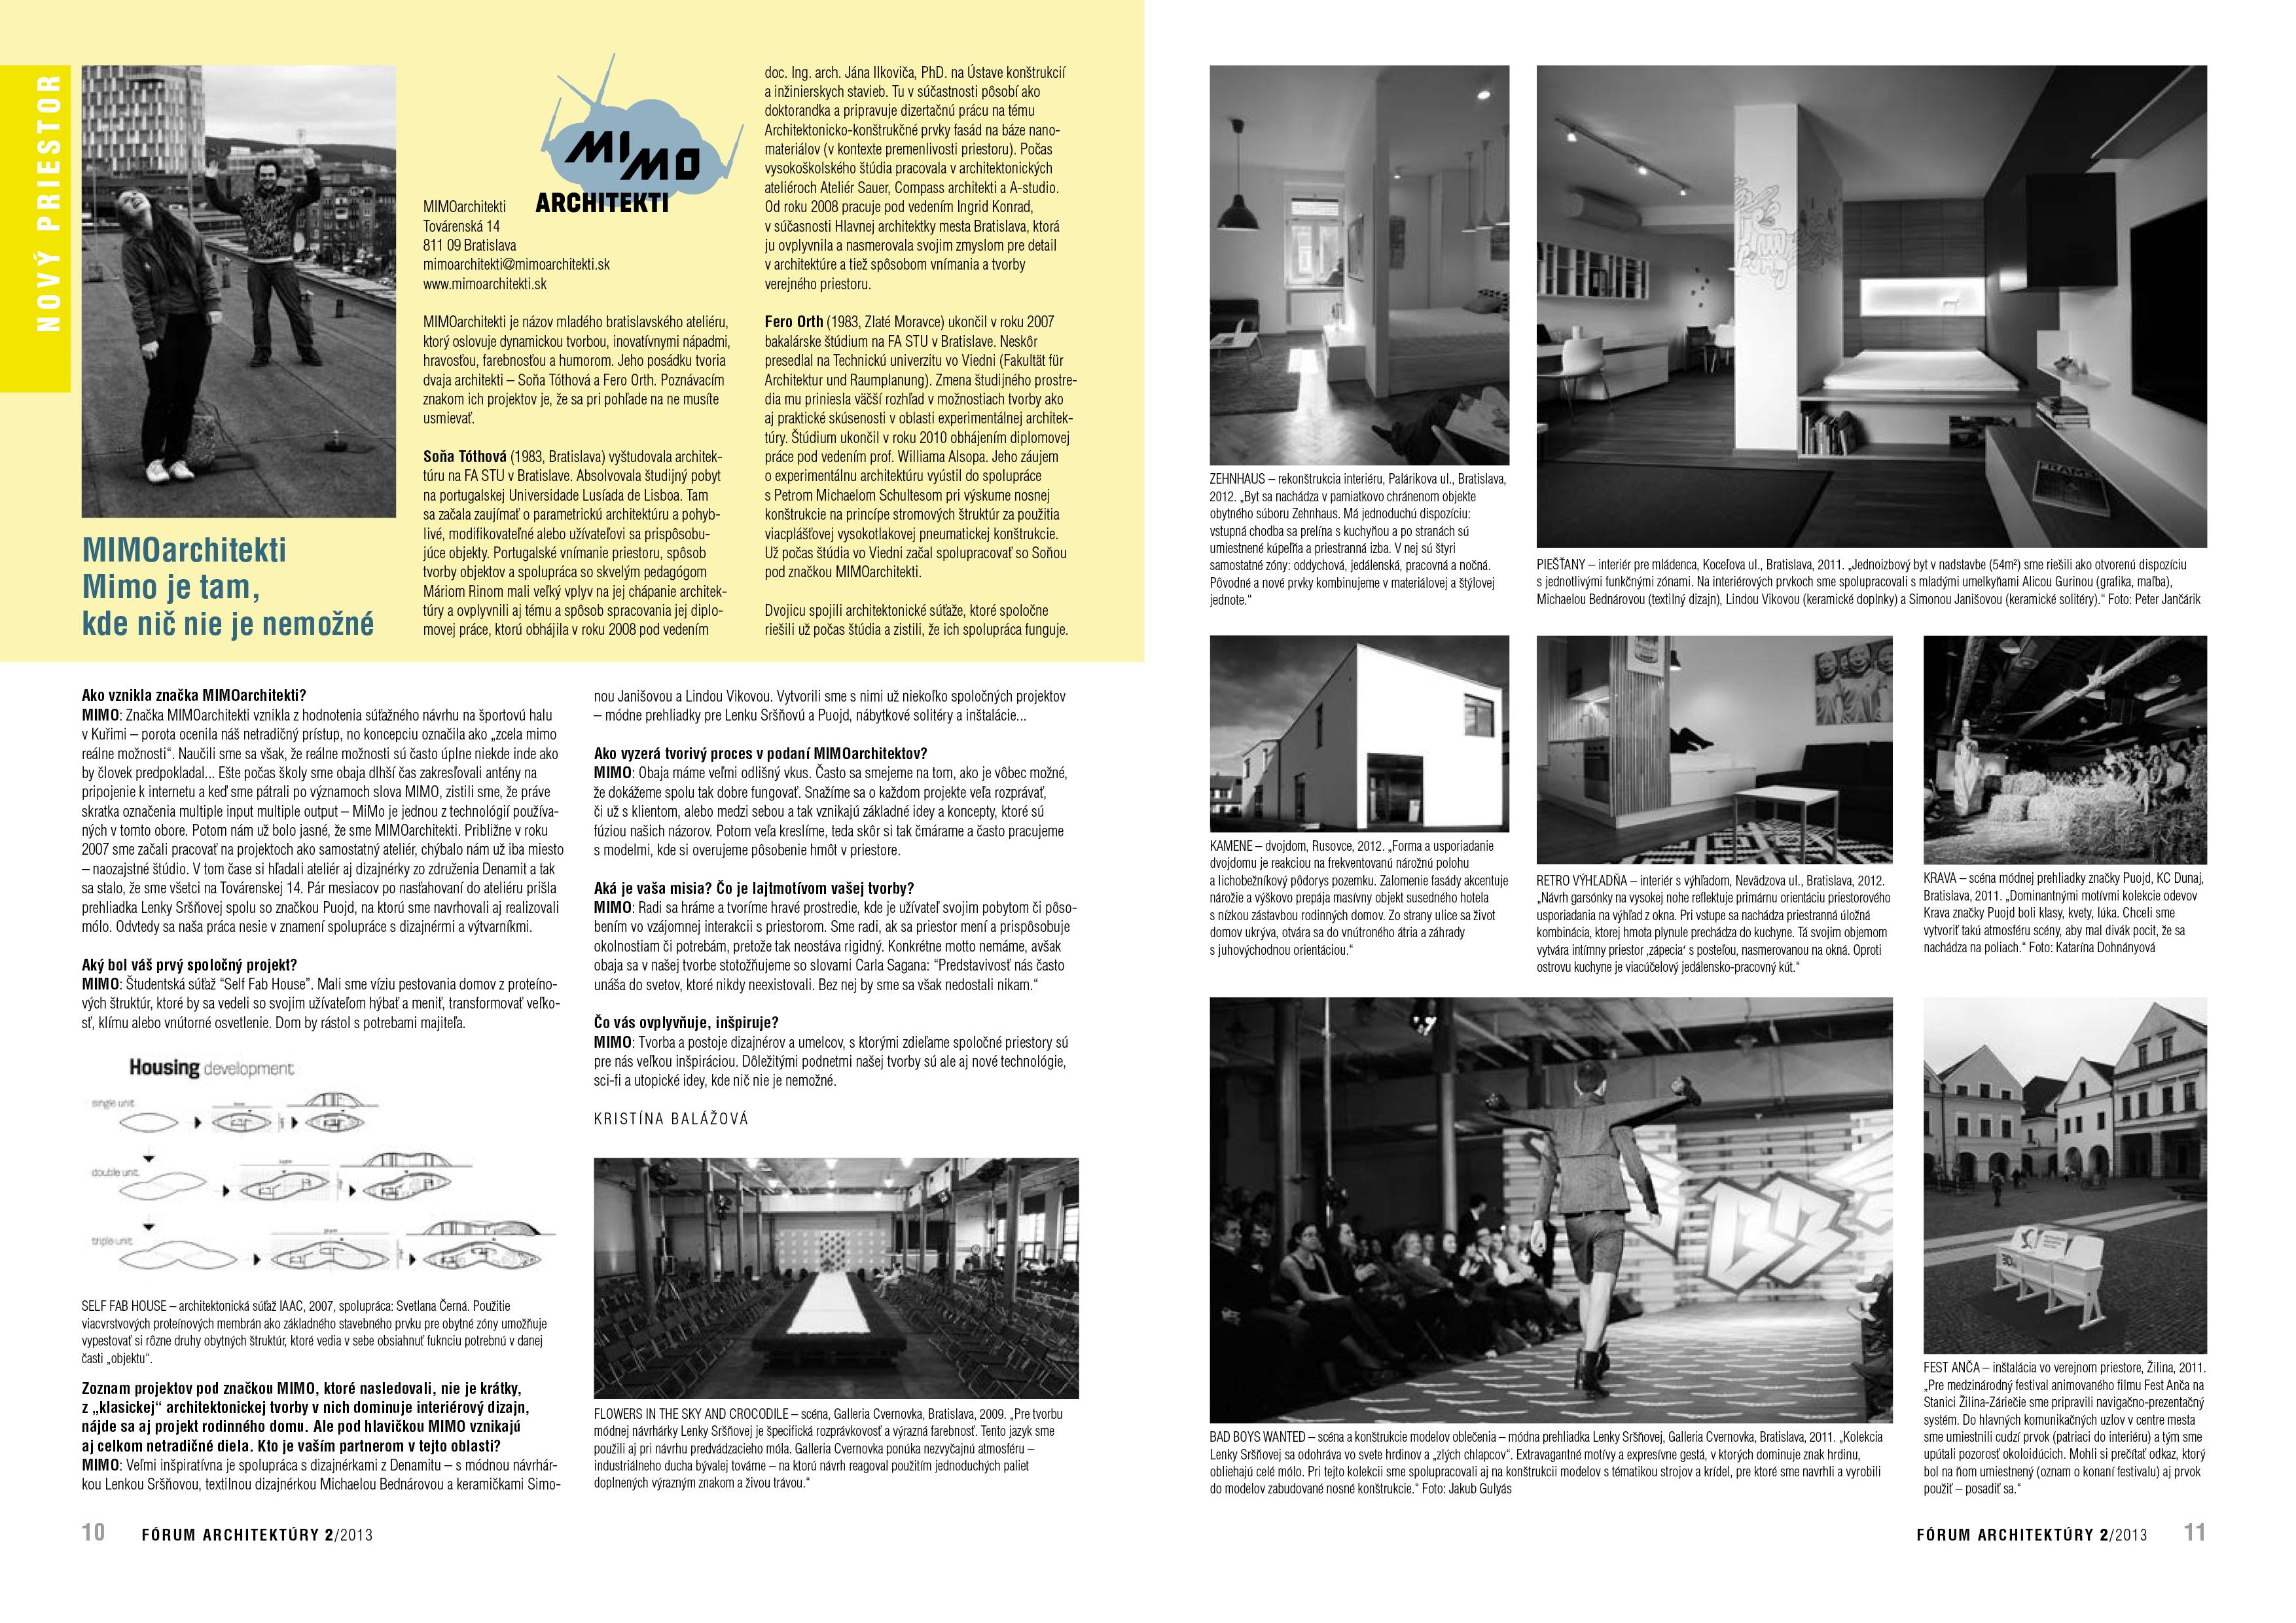 MIMO_Forum architektury2013